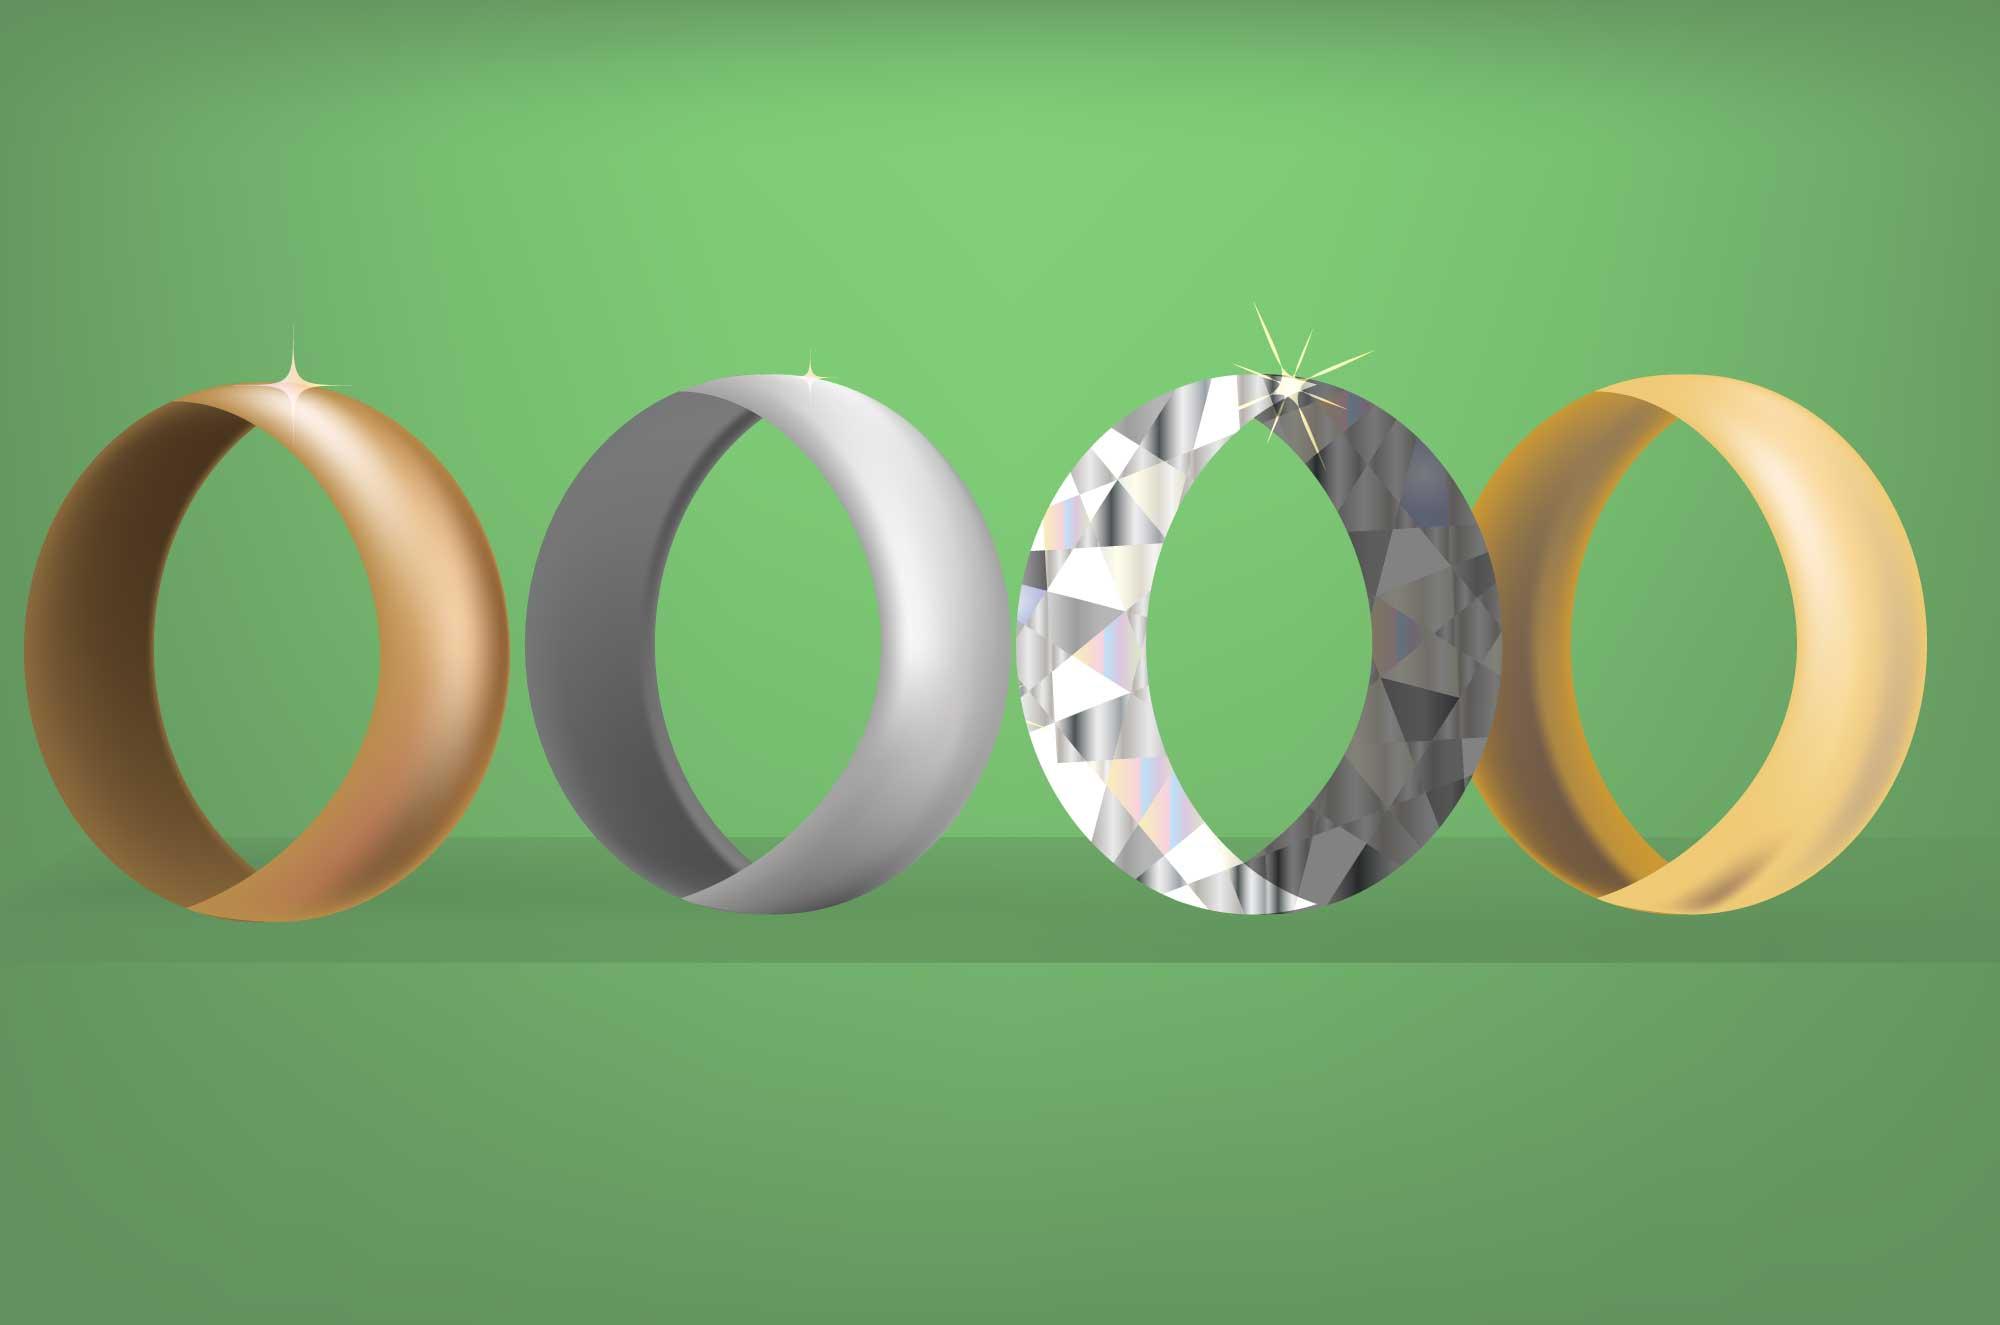 指輪の無料イラスト - ダイヤ・シルバー・ゴールド